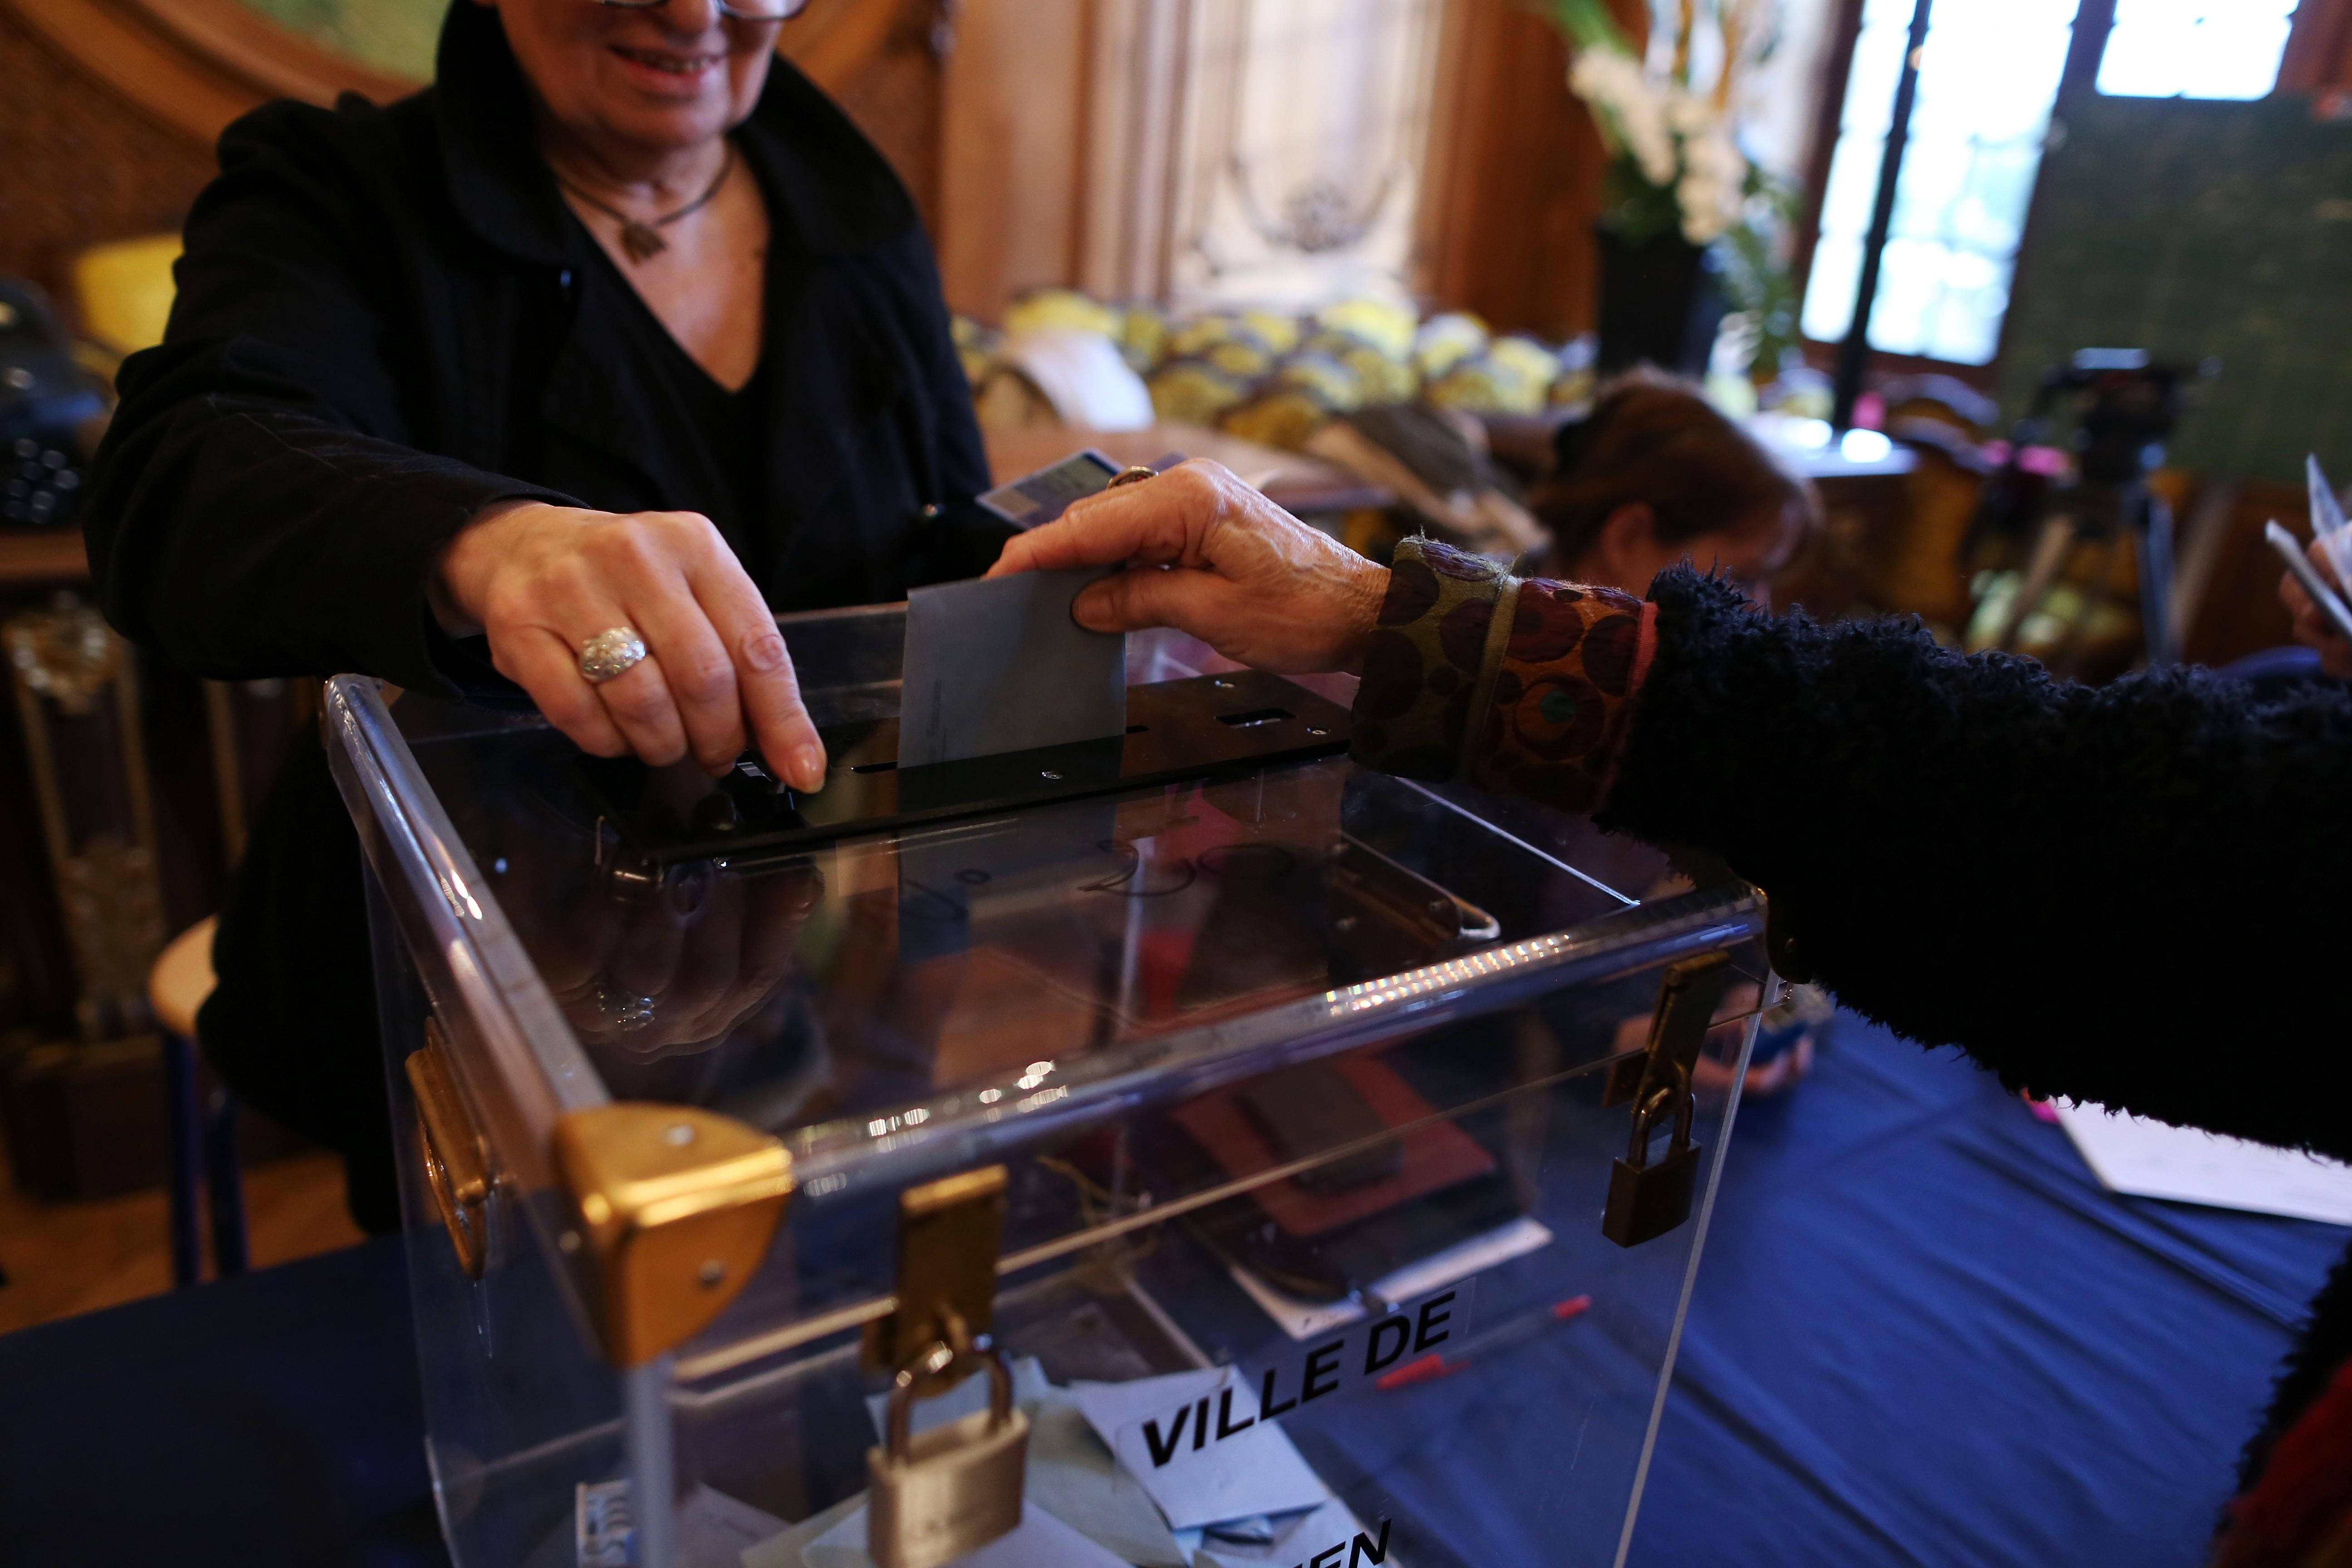 Heute sind Regionalwahlen in Frankreich – was ist zu erwarten?